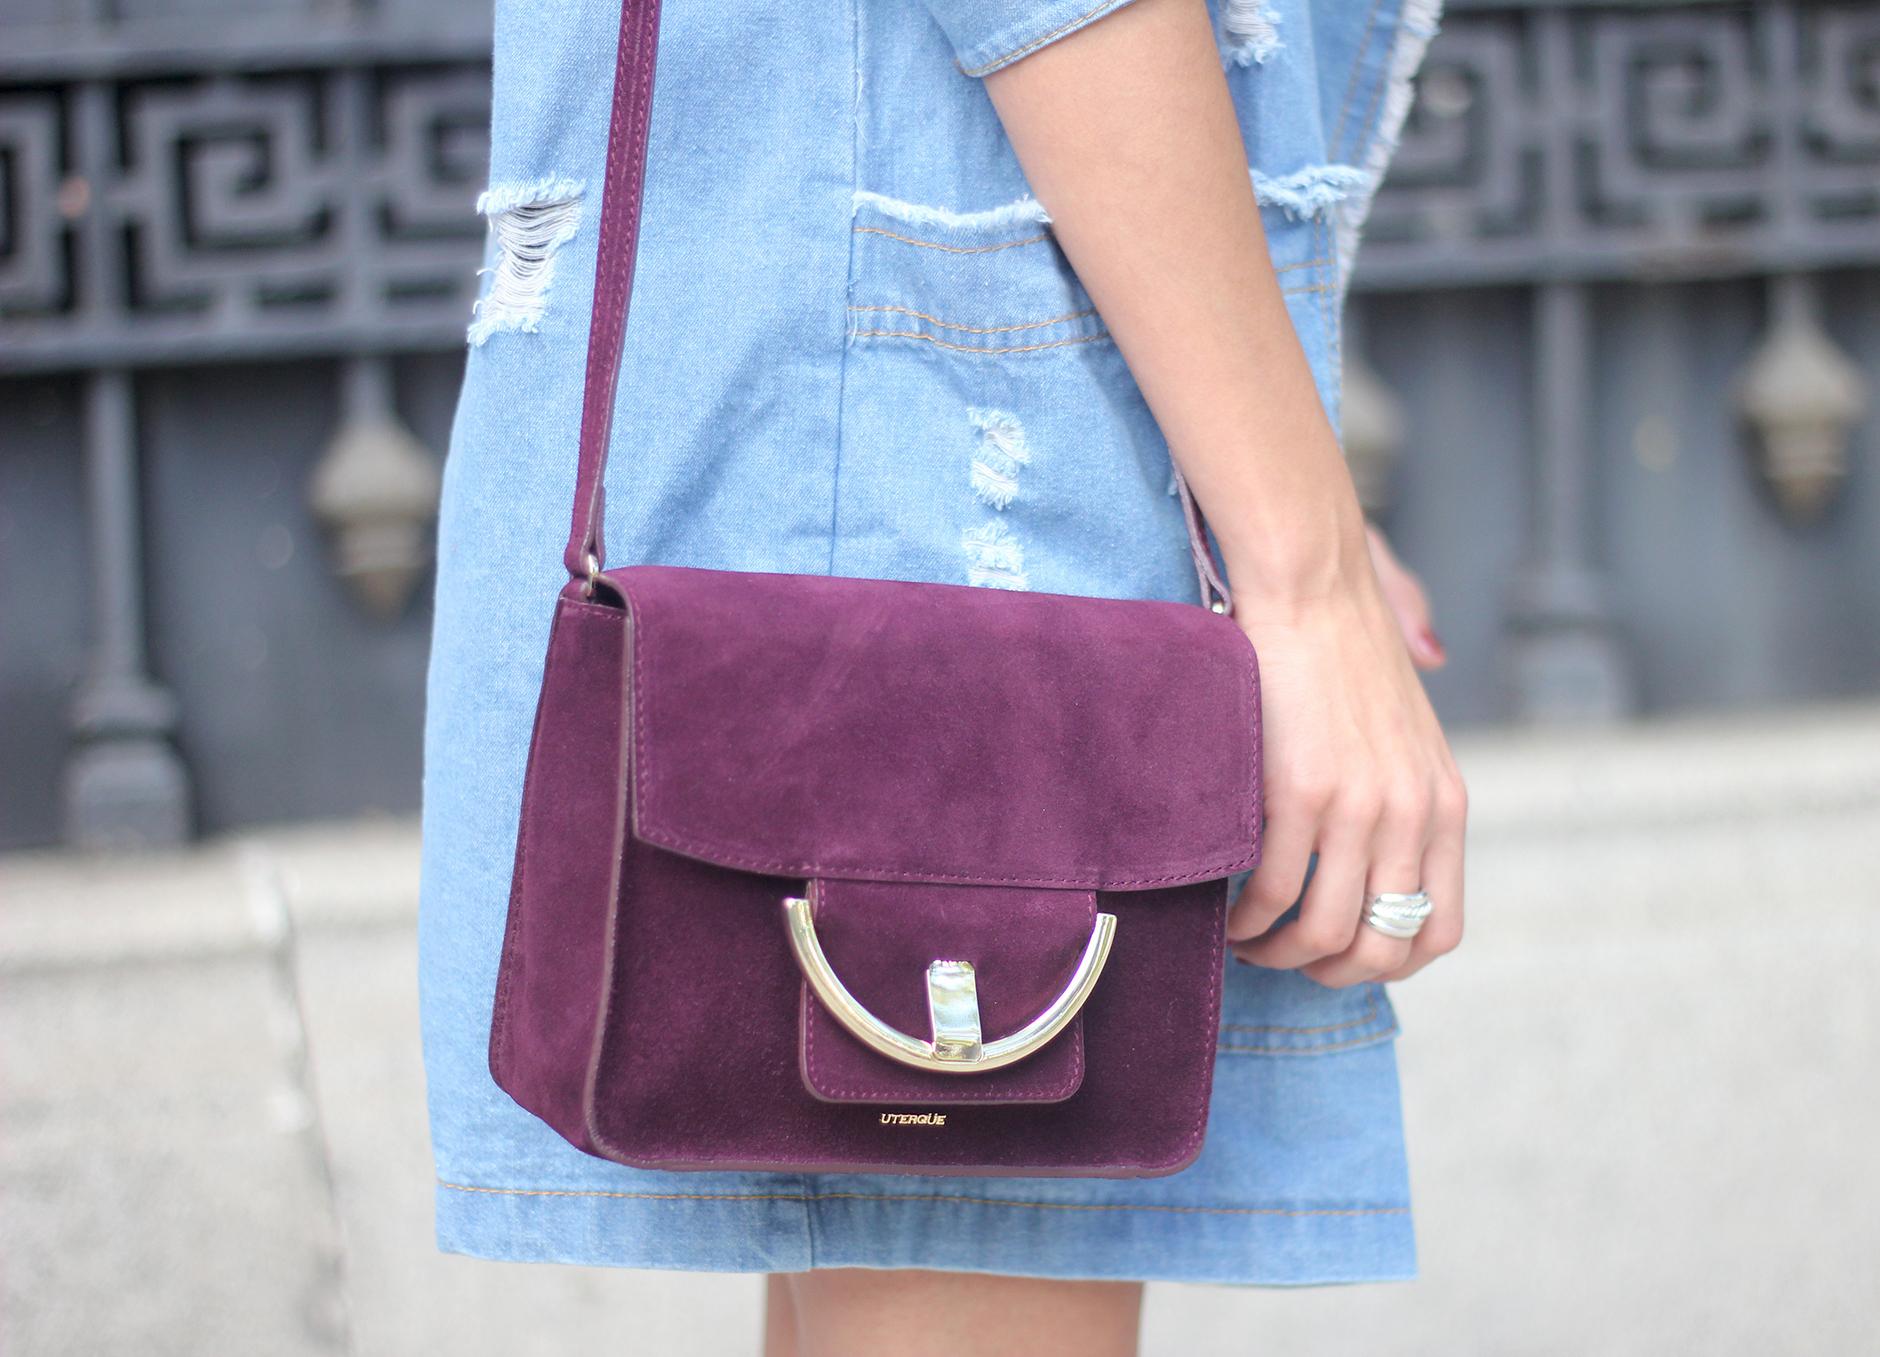 Denim Coat Stripes Skirt White Blouse Burgundy Uterqüe Bag Outfit15